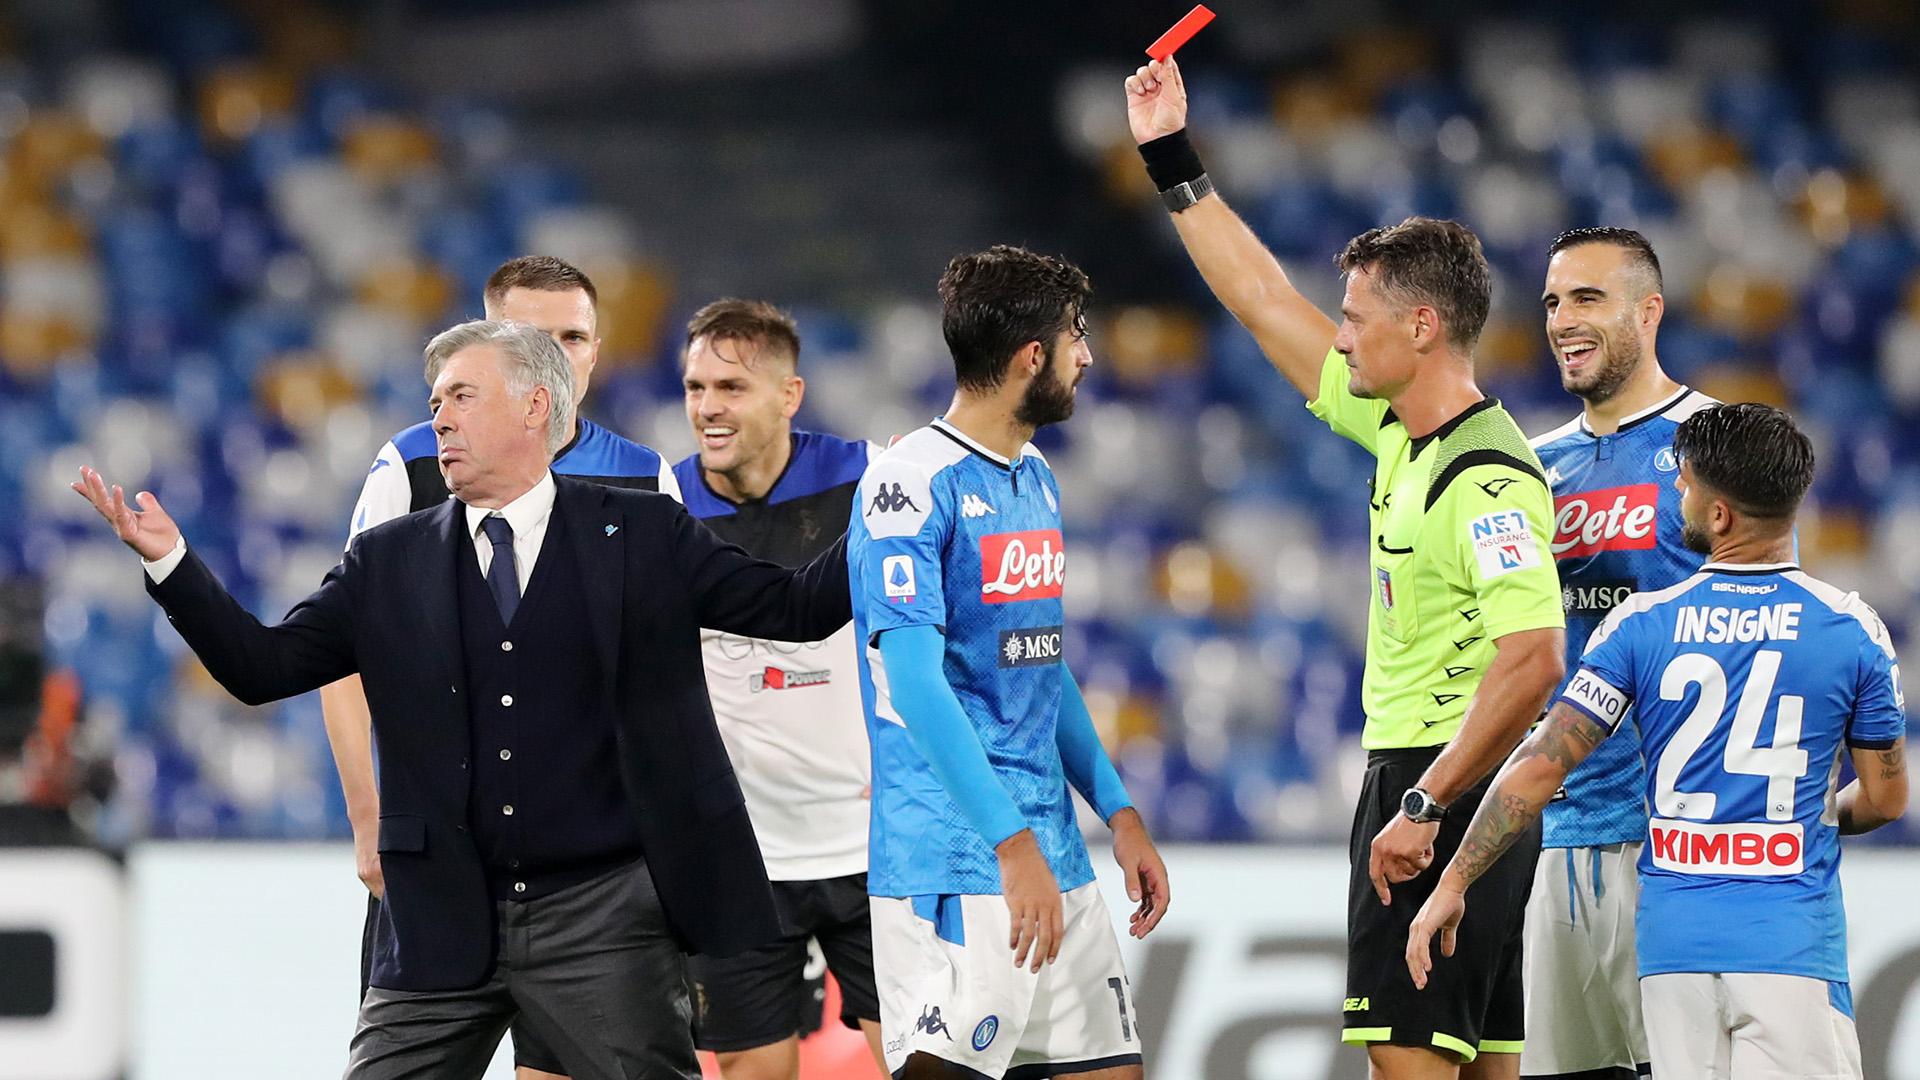 Carlo Ancelotti Napoli 2019-20